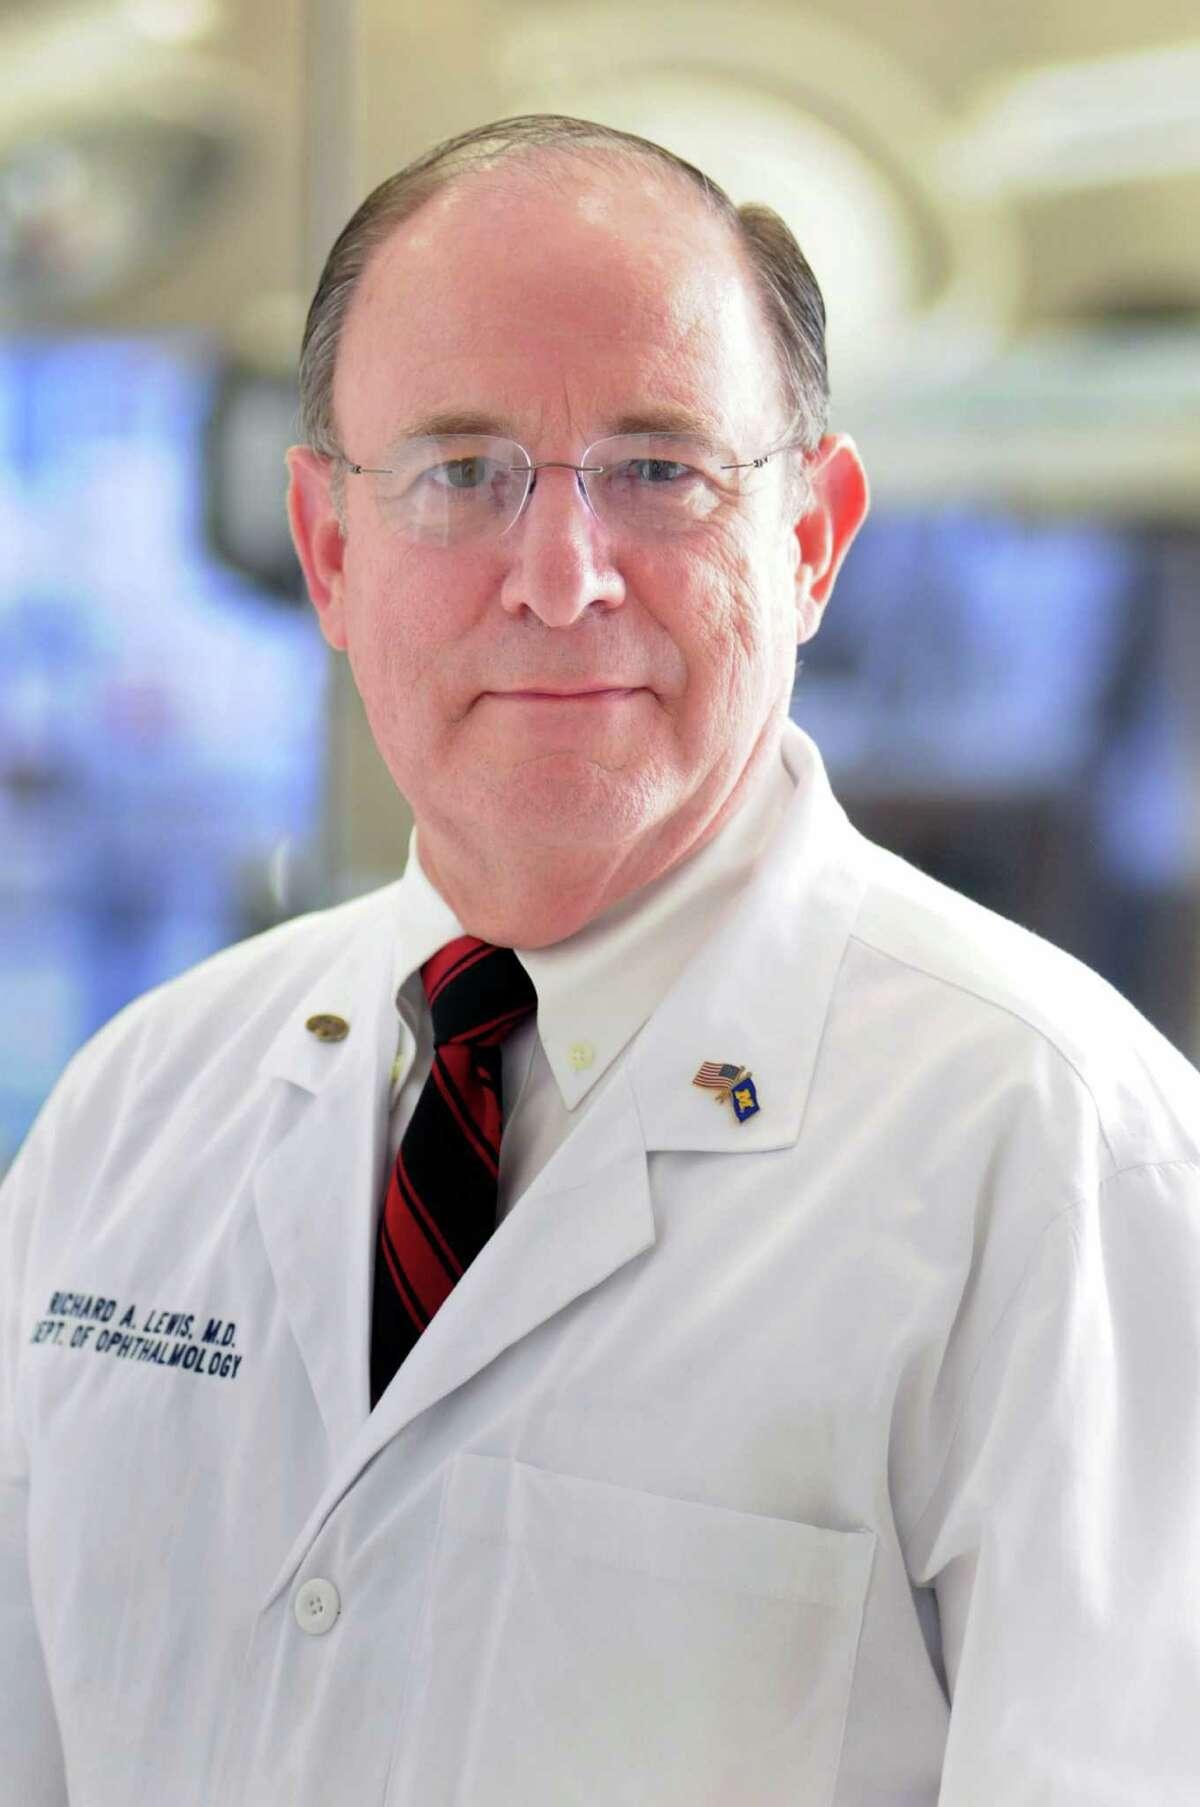 Dr. Richard Lewis